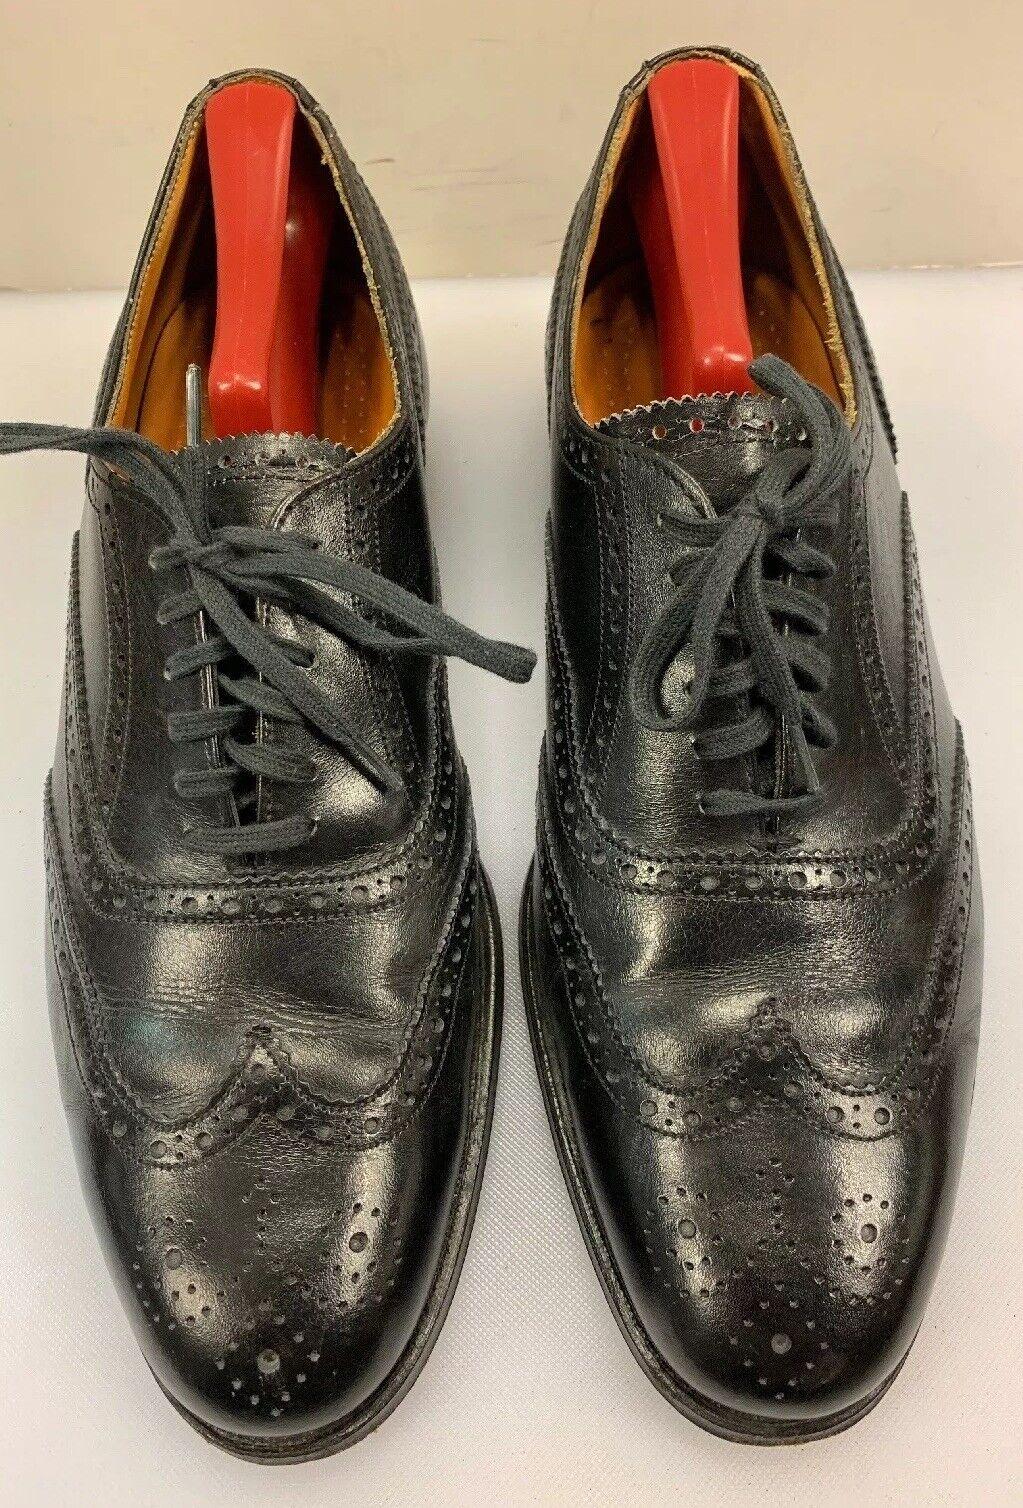 miglior reputazione Cole Haan Uomo 9 9 9 C Wing Tip Oxfords Dress scarpe nero Leather Bench Made England  fino al 60% di sconto